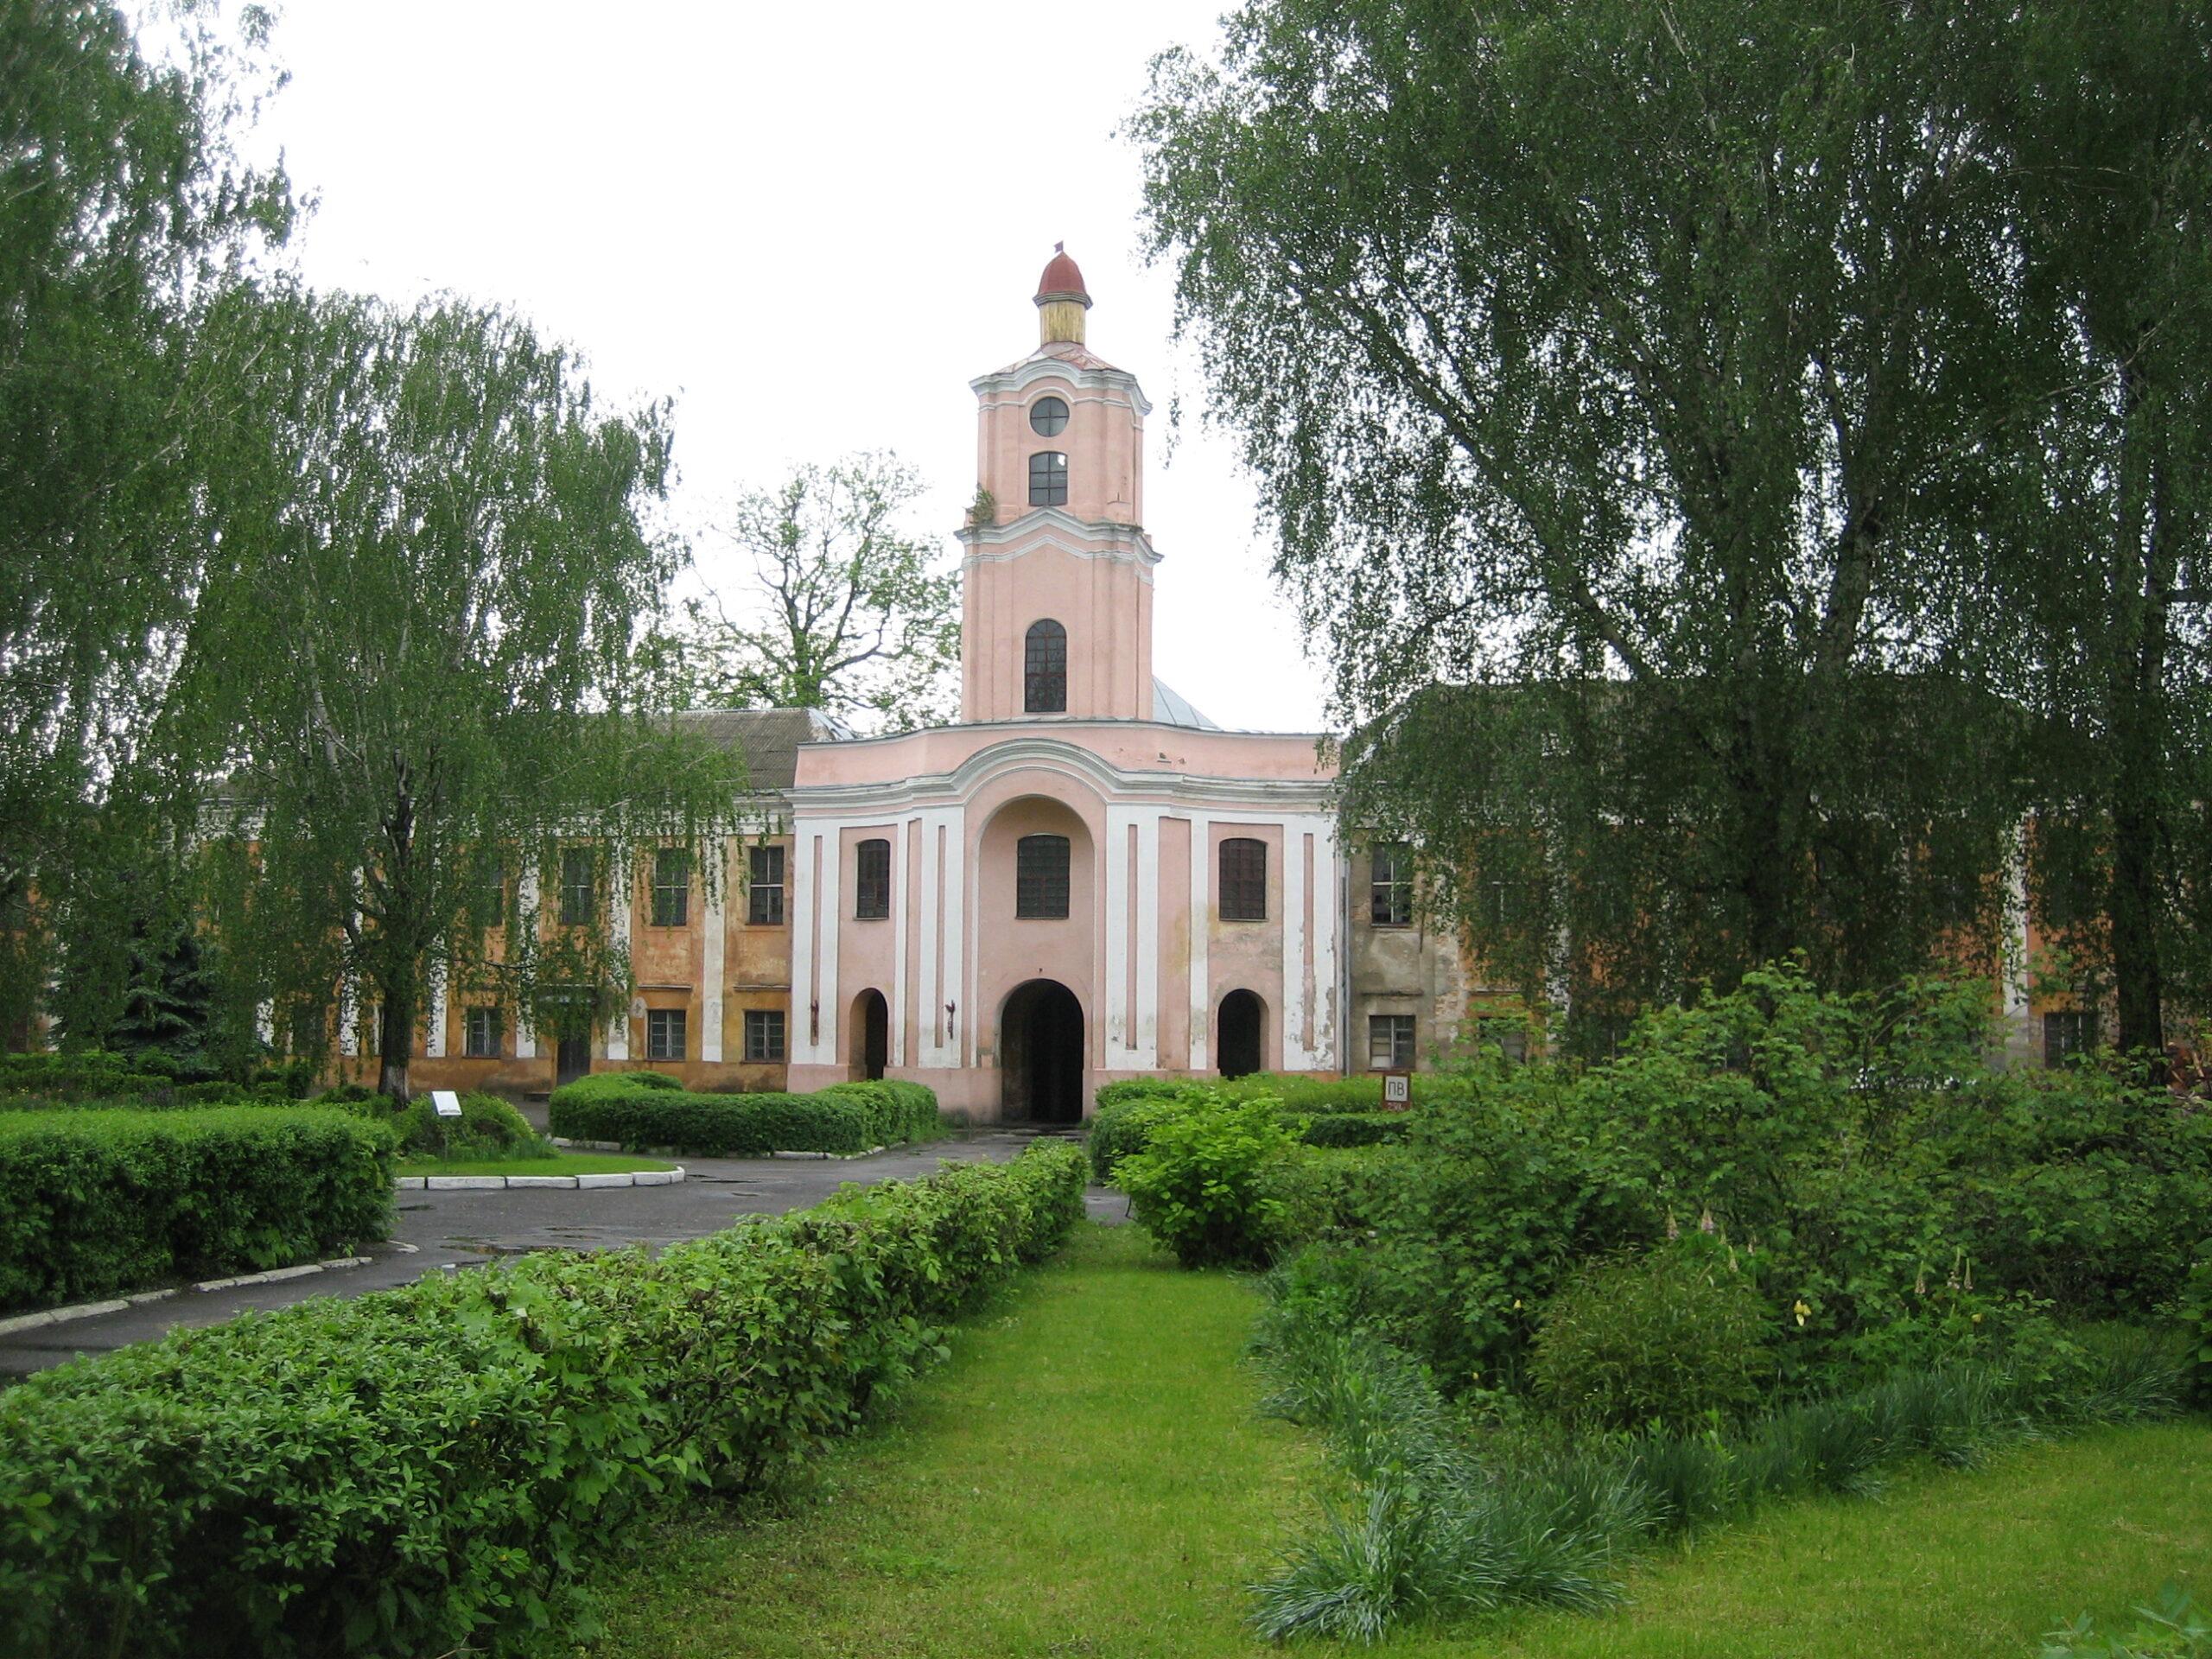 Слегка потускневший бриллиант: резиденция Радзивиллов в Олыке на Волыни